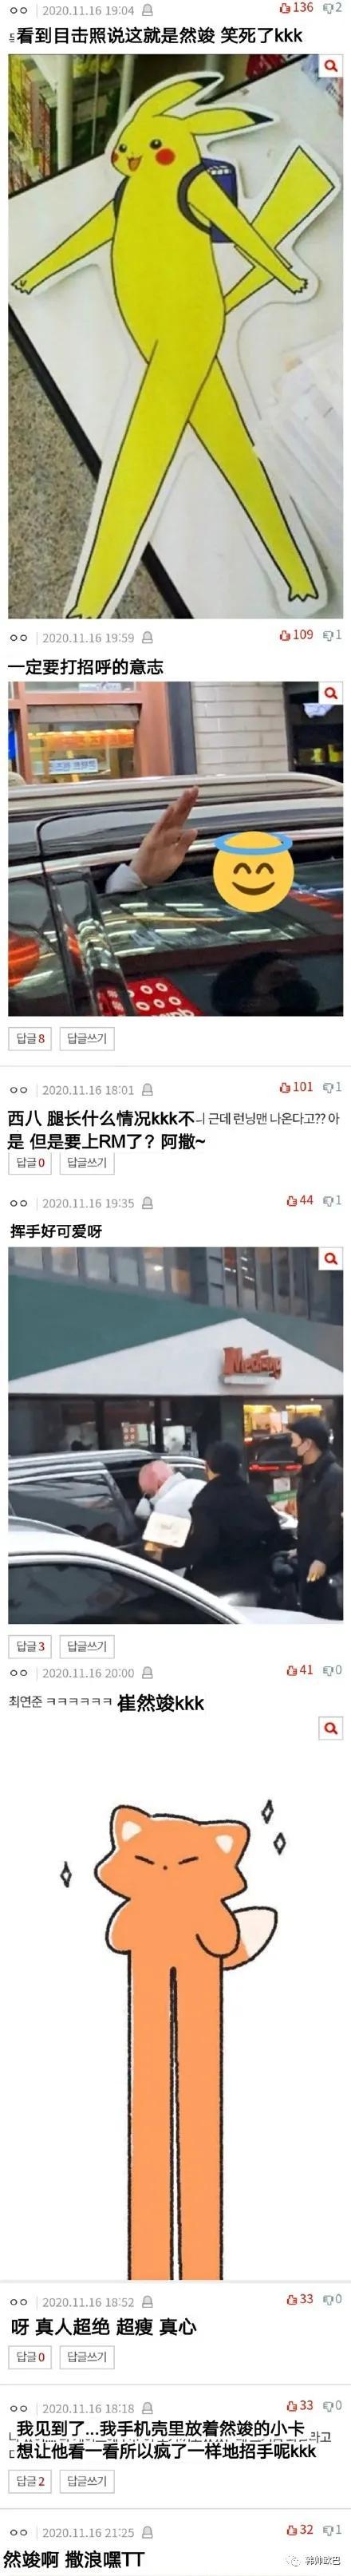 拍摄RM的男团爱豆的比例,明明都是些随手拍的生图